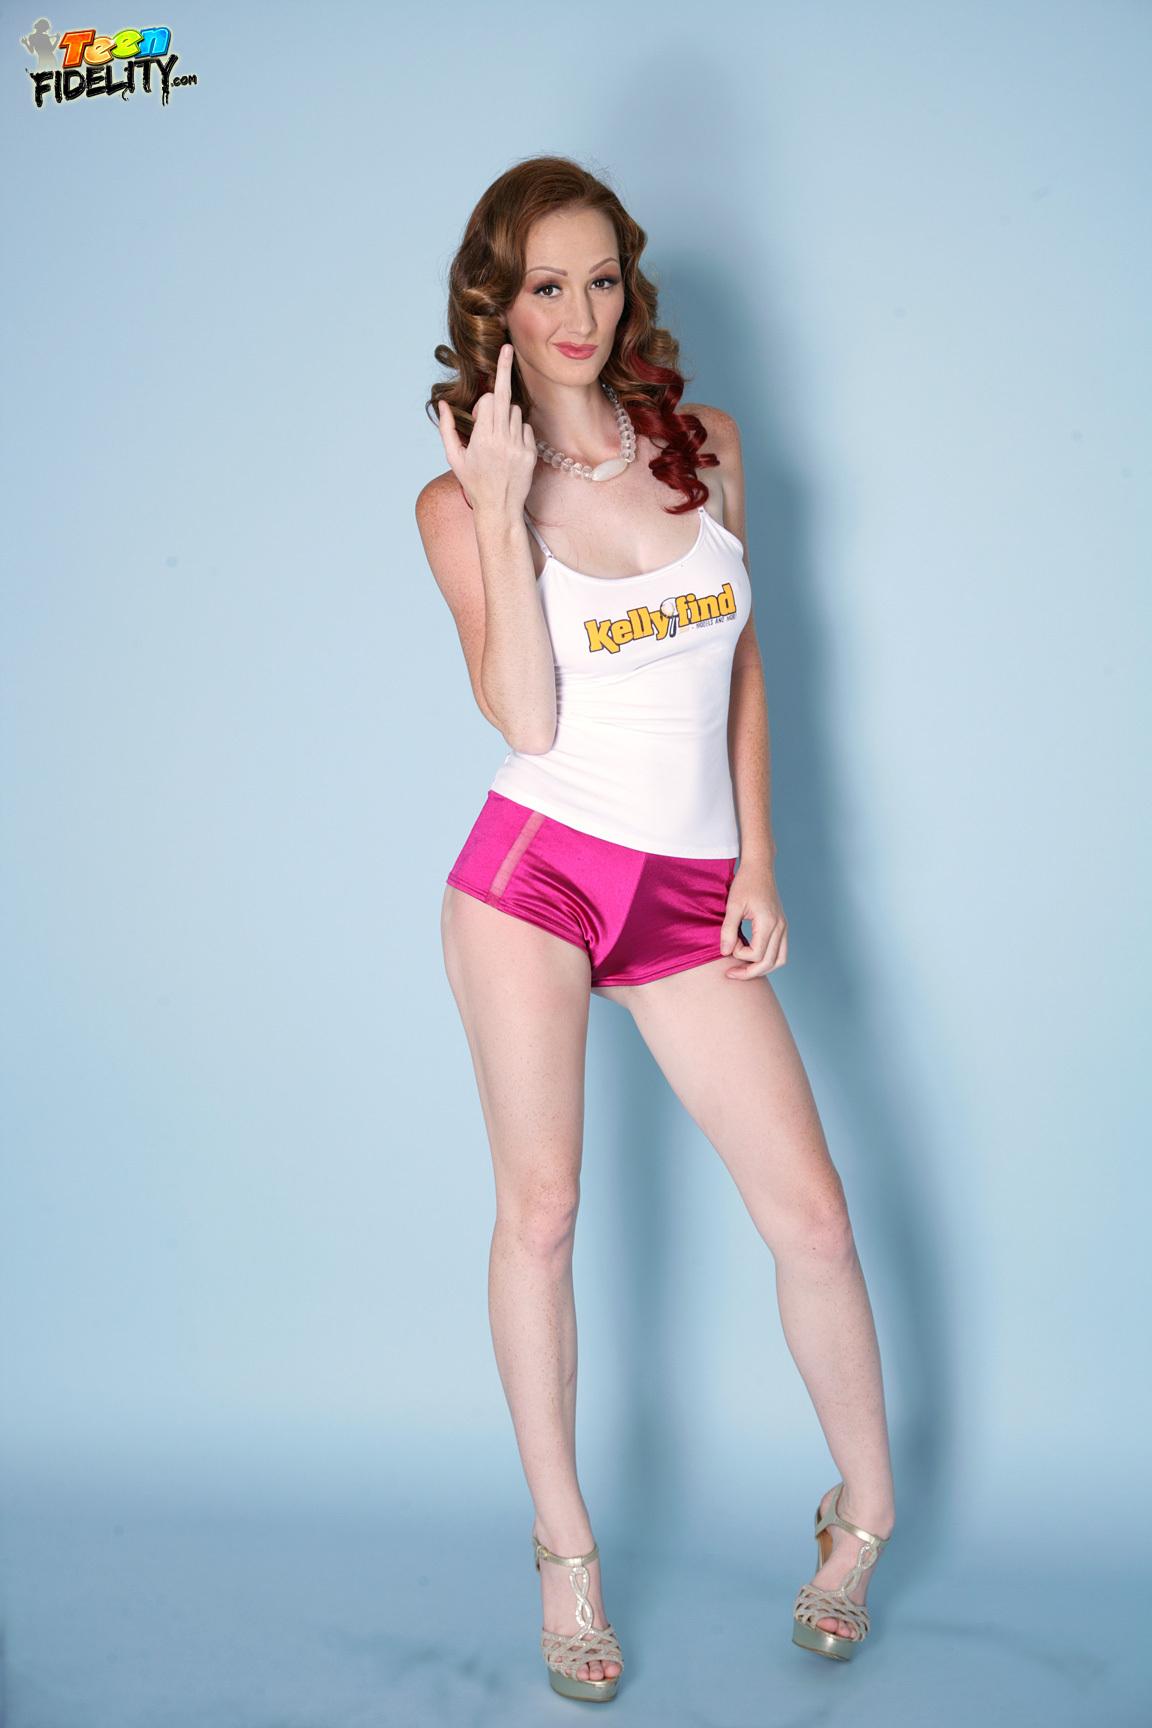 Dee Dee Lynn is doing an fantastic striptease dance in lingerie № 589441 бесплатно